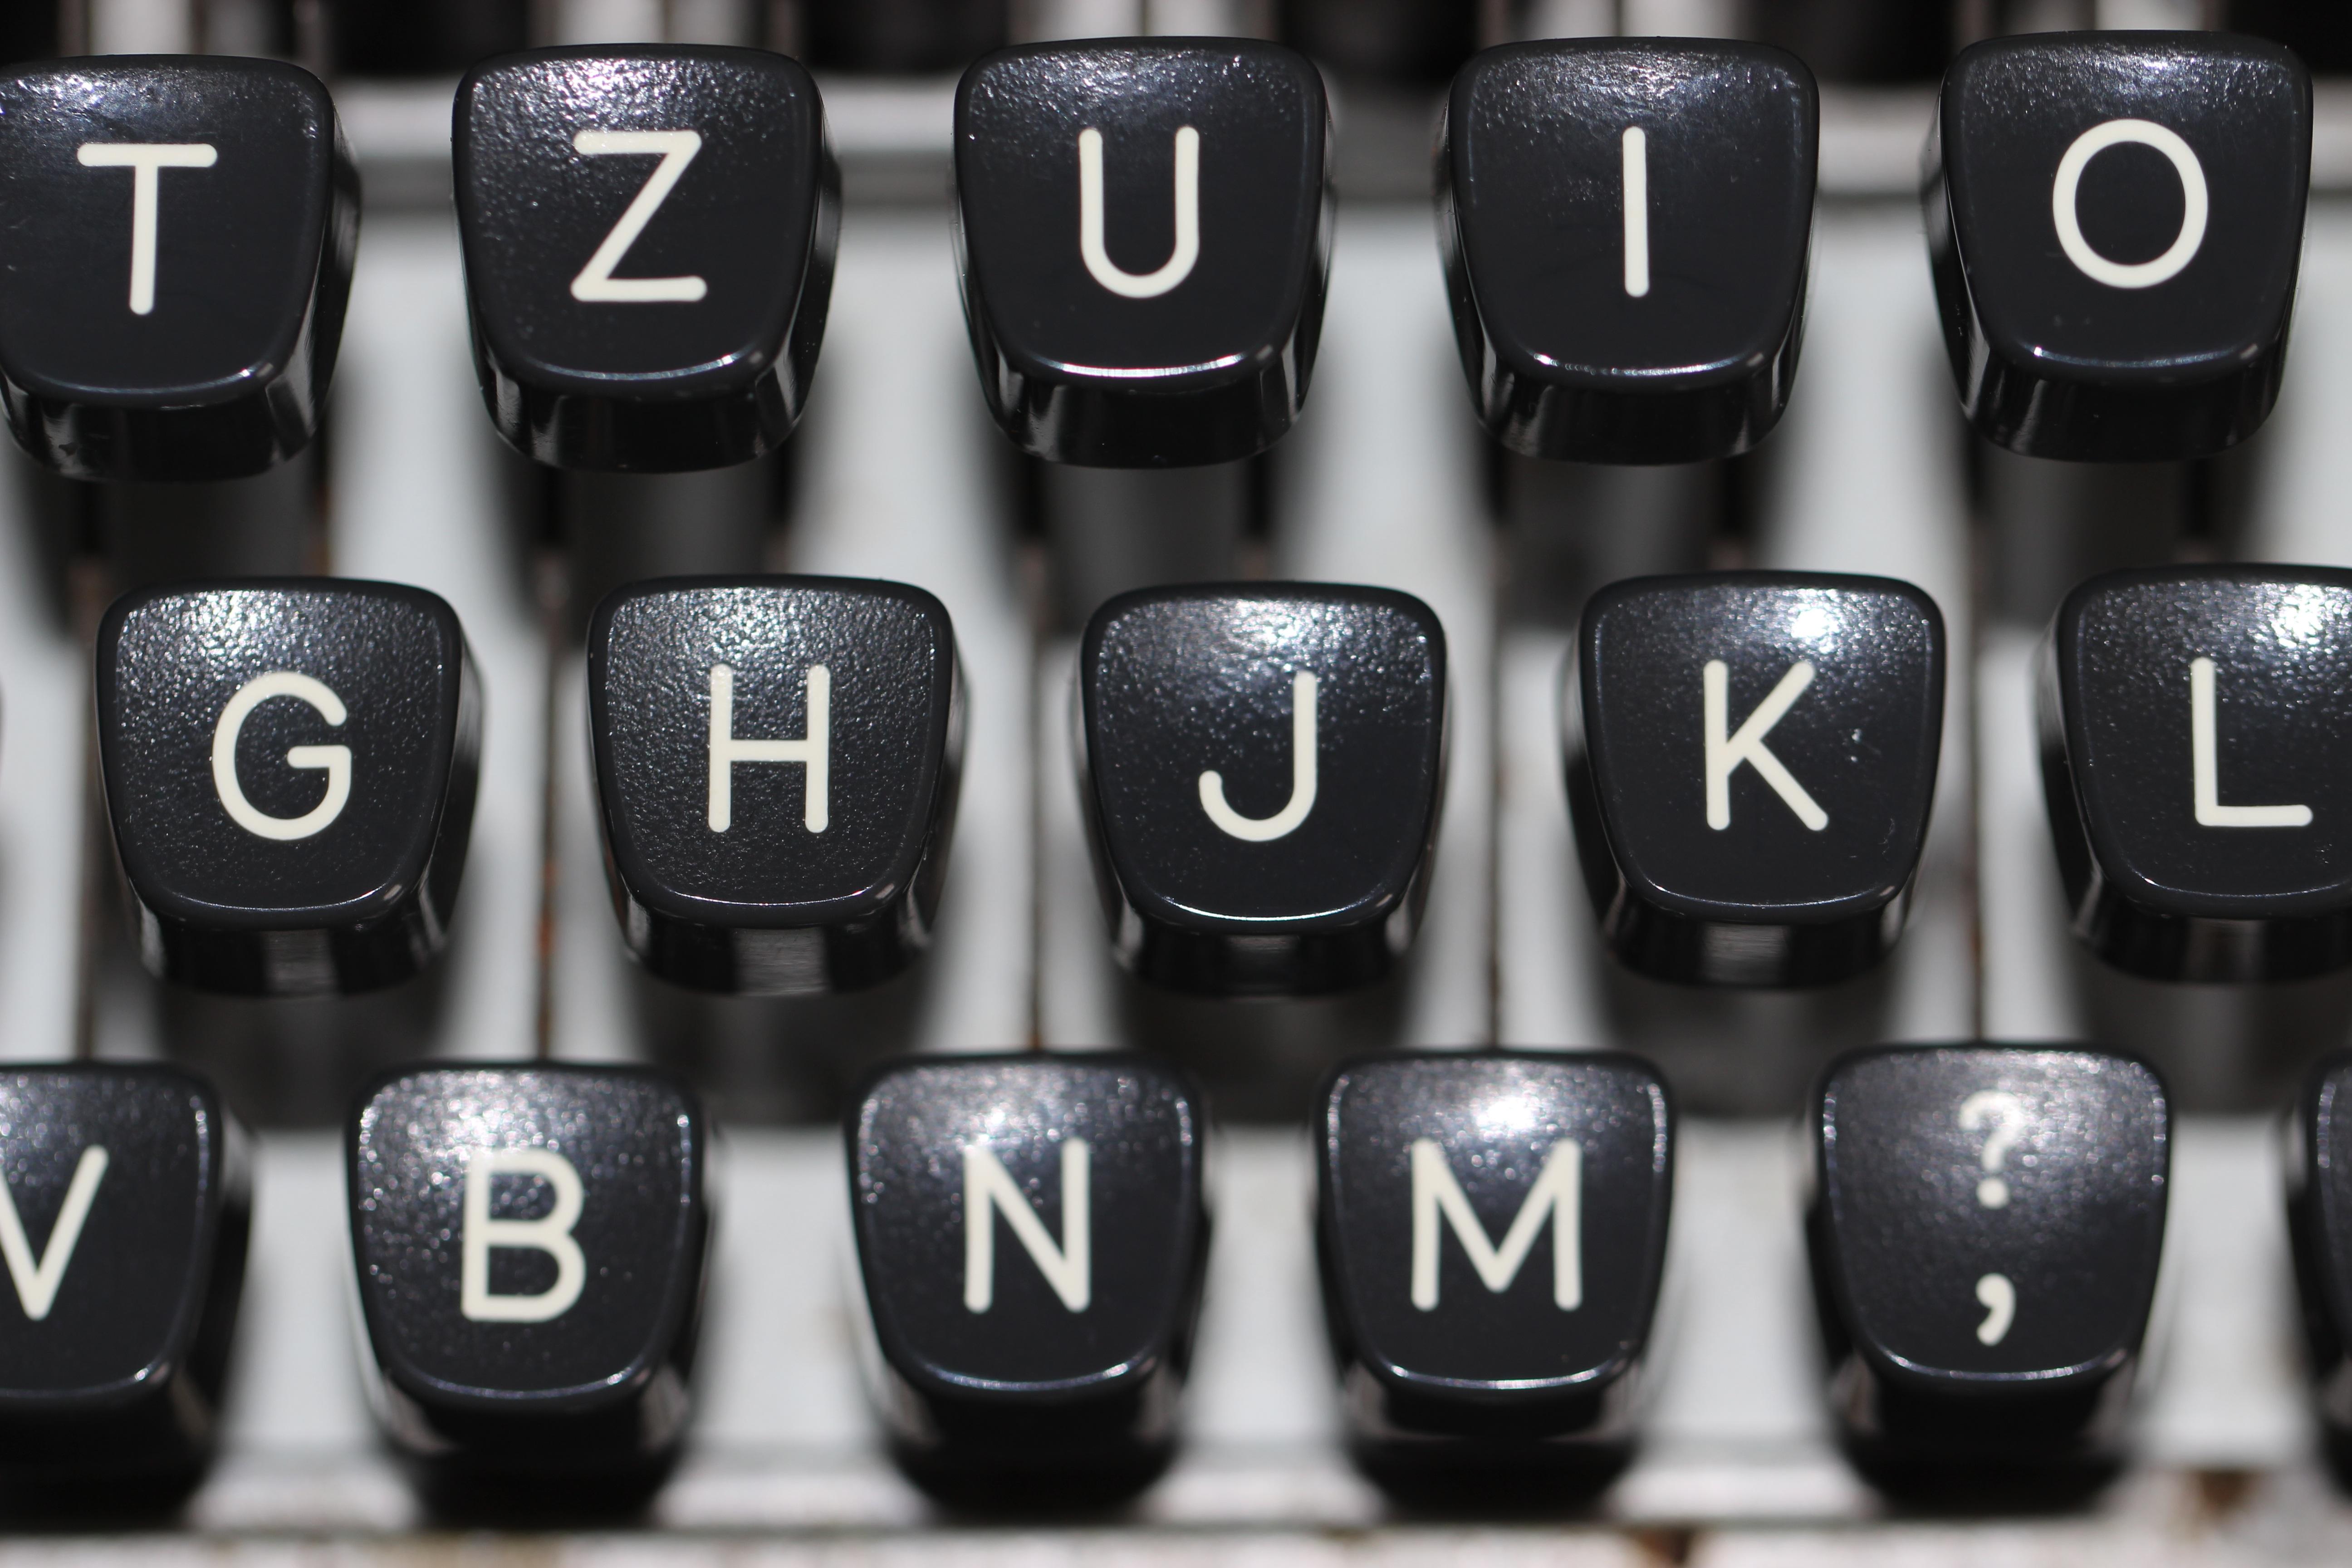 free images hand keyboard vintage wheel retro old typewriter